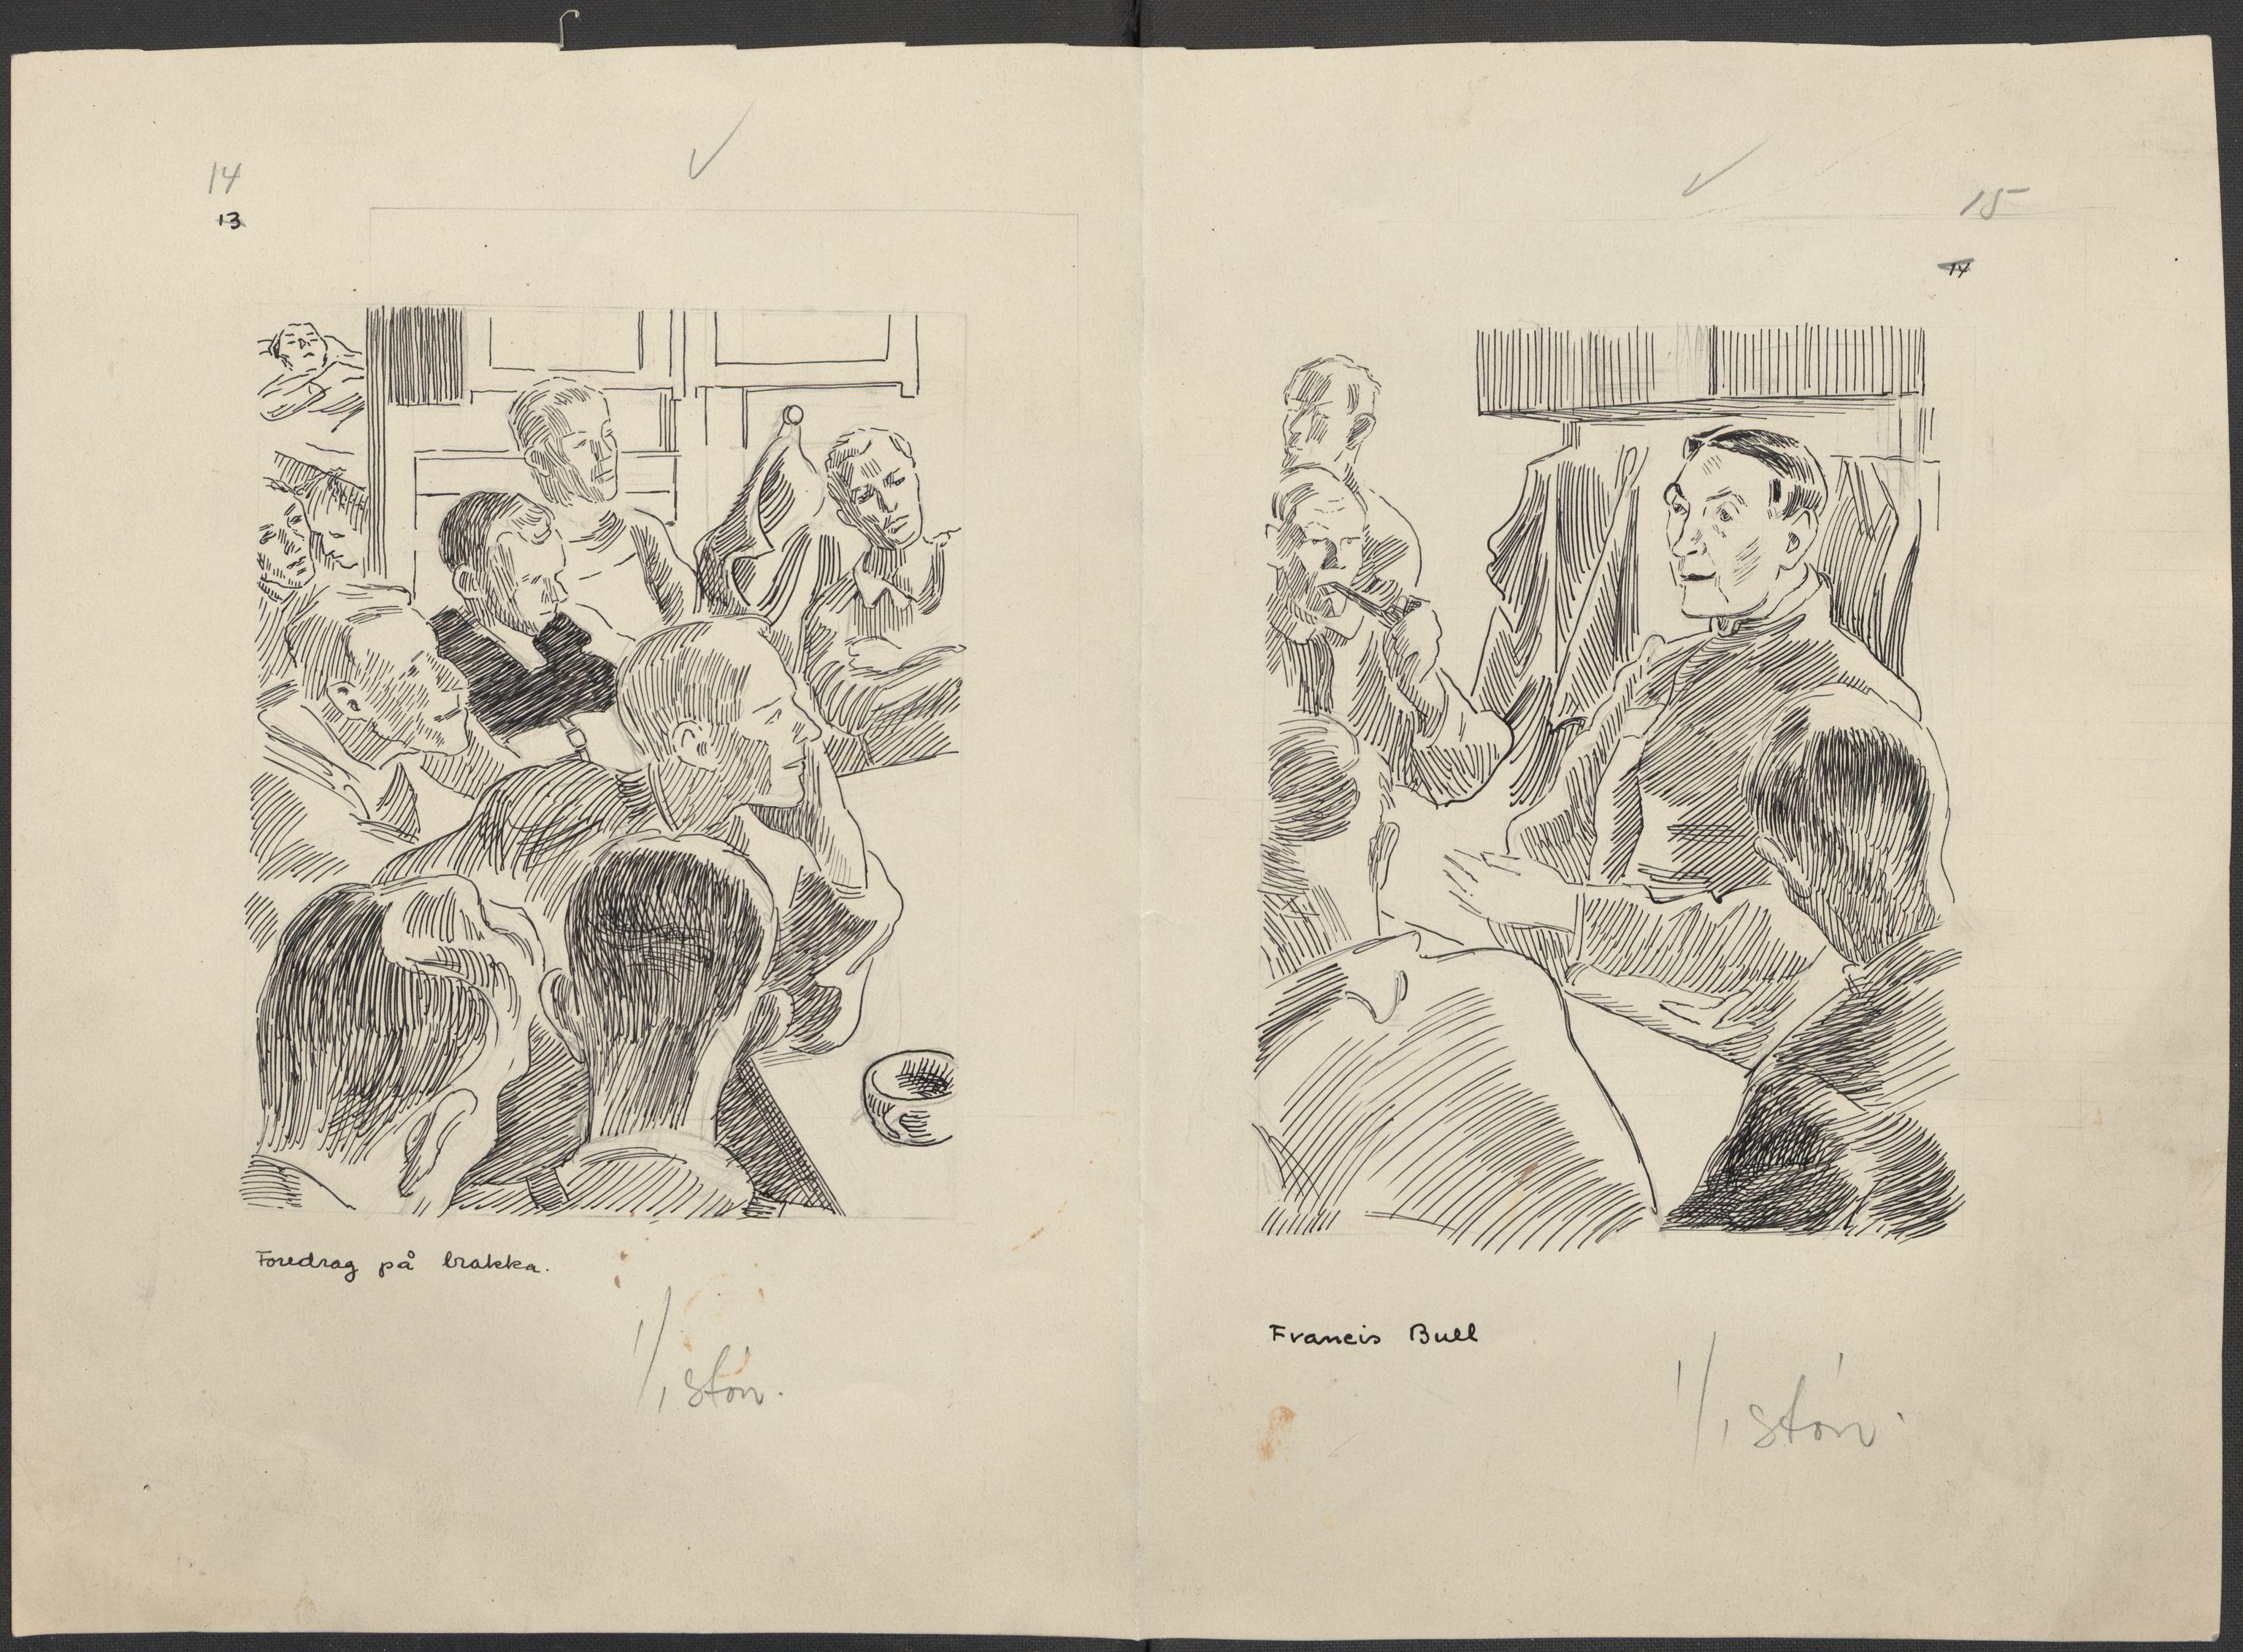 RA, Grøgaard, Joachim, F/L0002: Tegninger og tekster, 1942-1945, p. 102